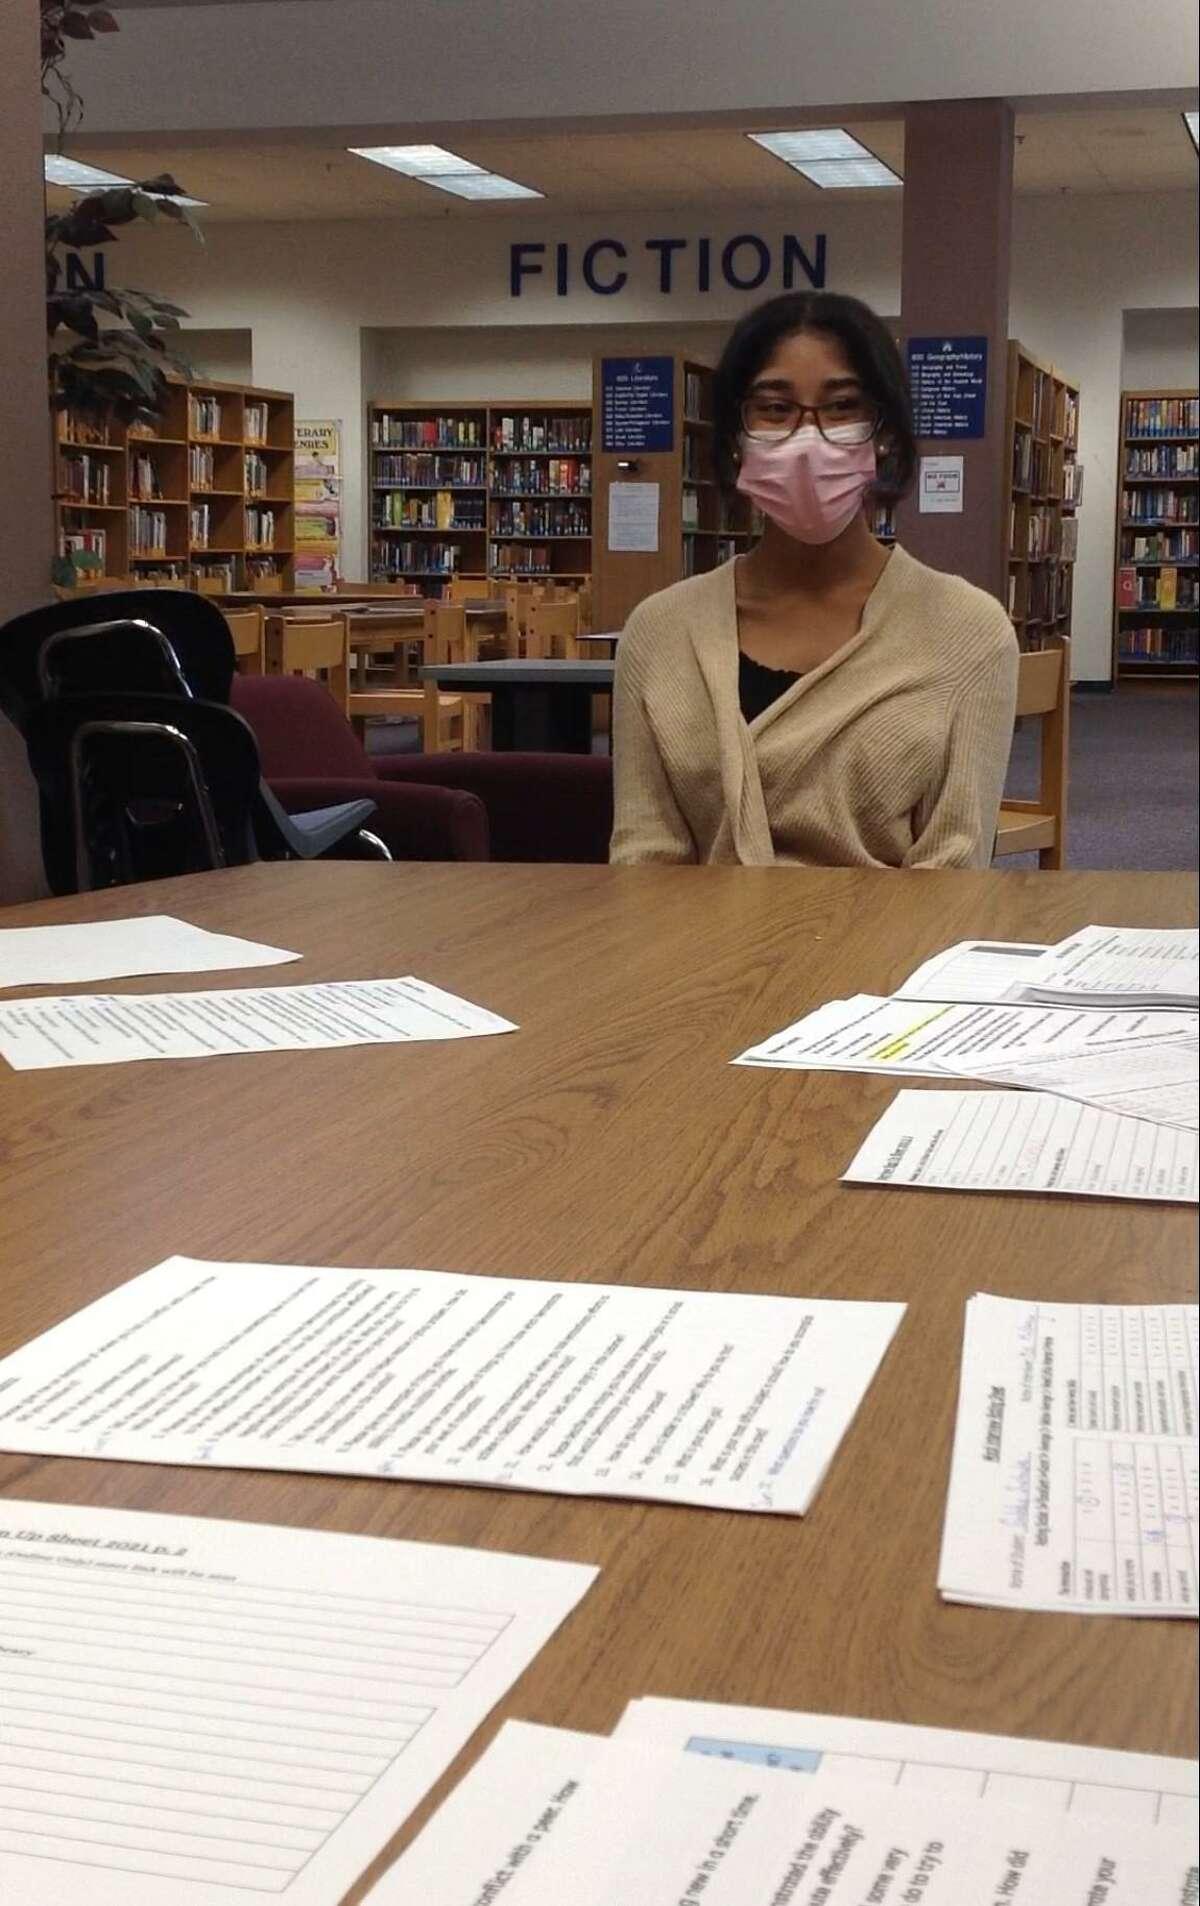 Gabriela Sustache takes her final exam, a mock job interview, at the Gilbert School.